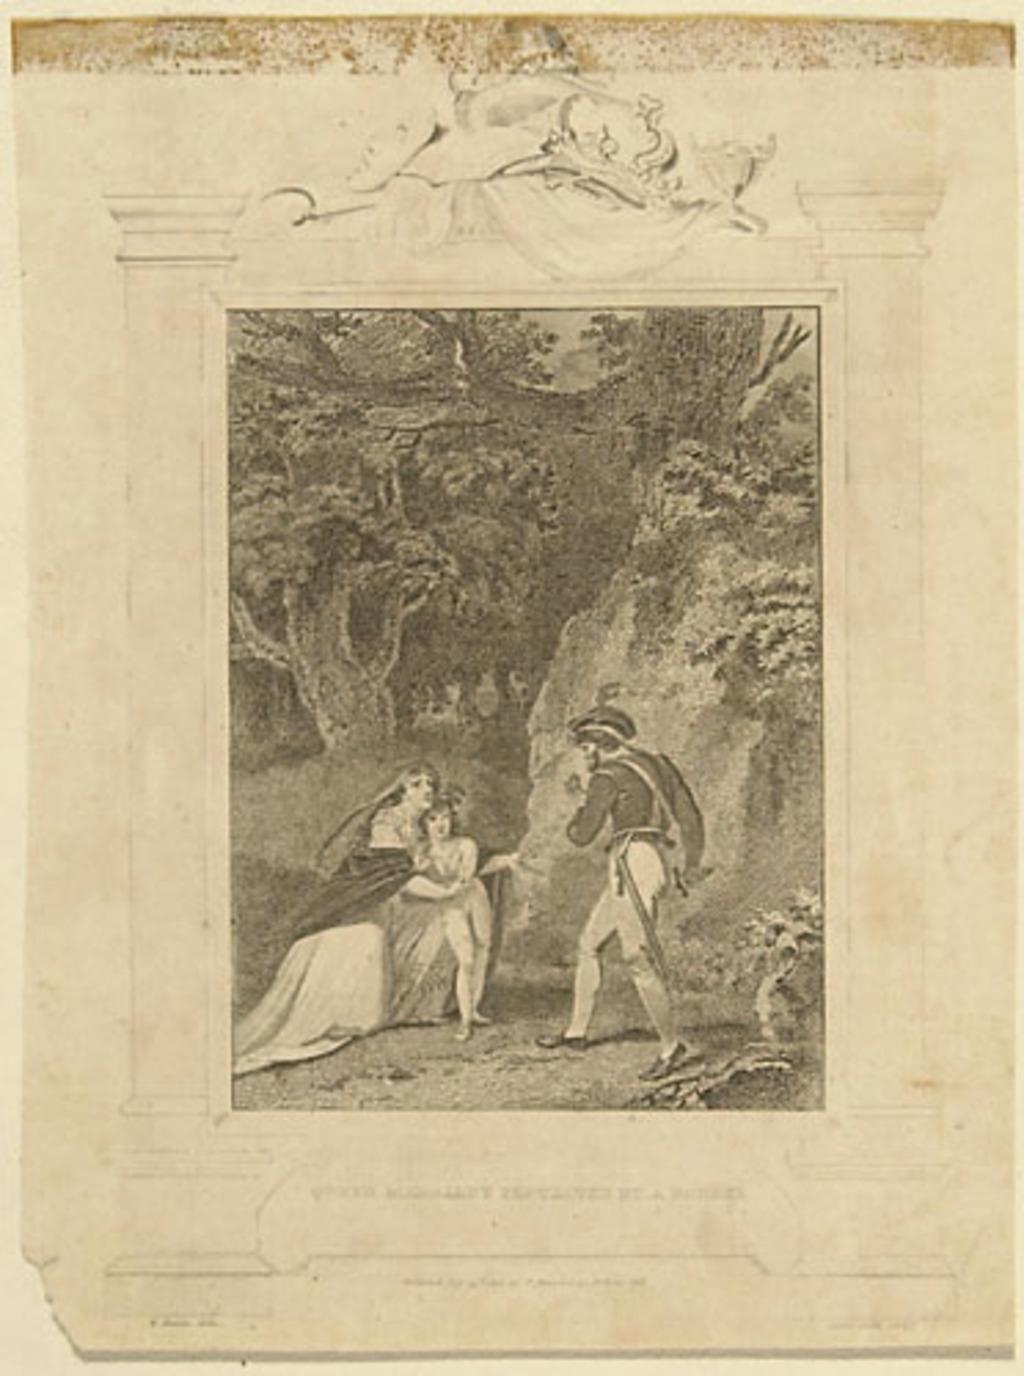 La Reine Margaret protégée par un voleur, extrait de l'ouvrage Histoire de l'Angleterre de Theophilus Camden